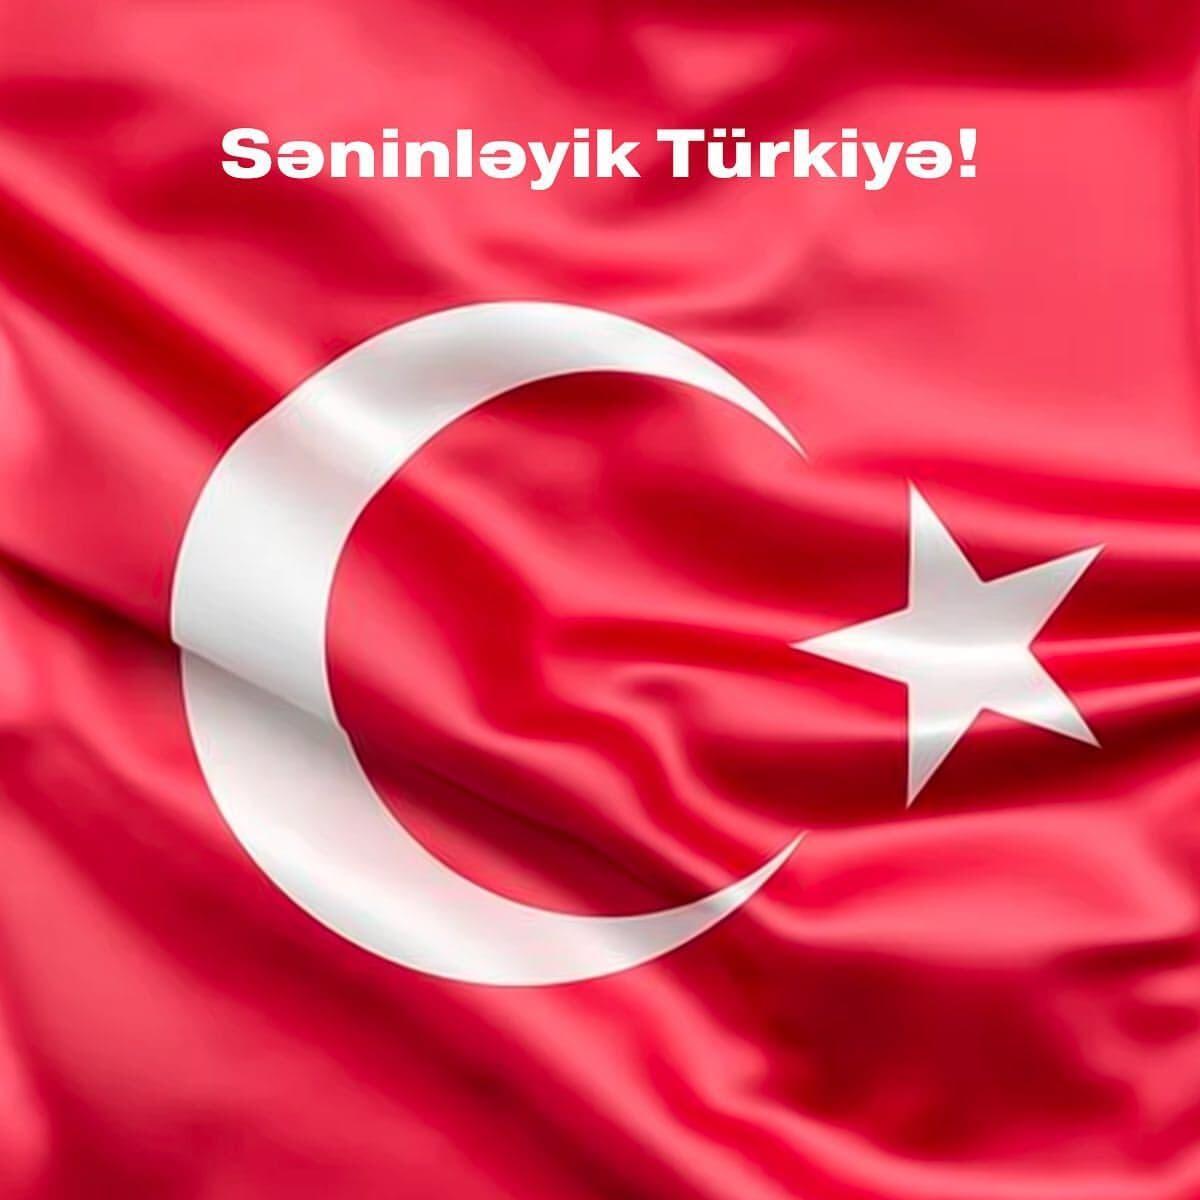 Первый вице-президент Мехрибан Алиева: Прошу Всевышнего ниспослать силы и терпение всему народу Турции